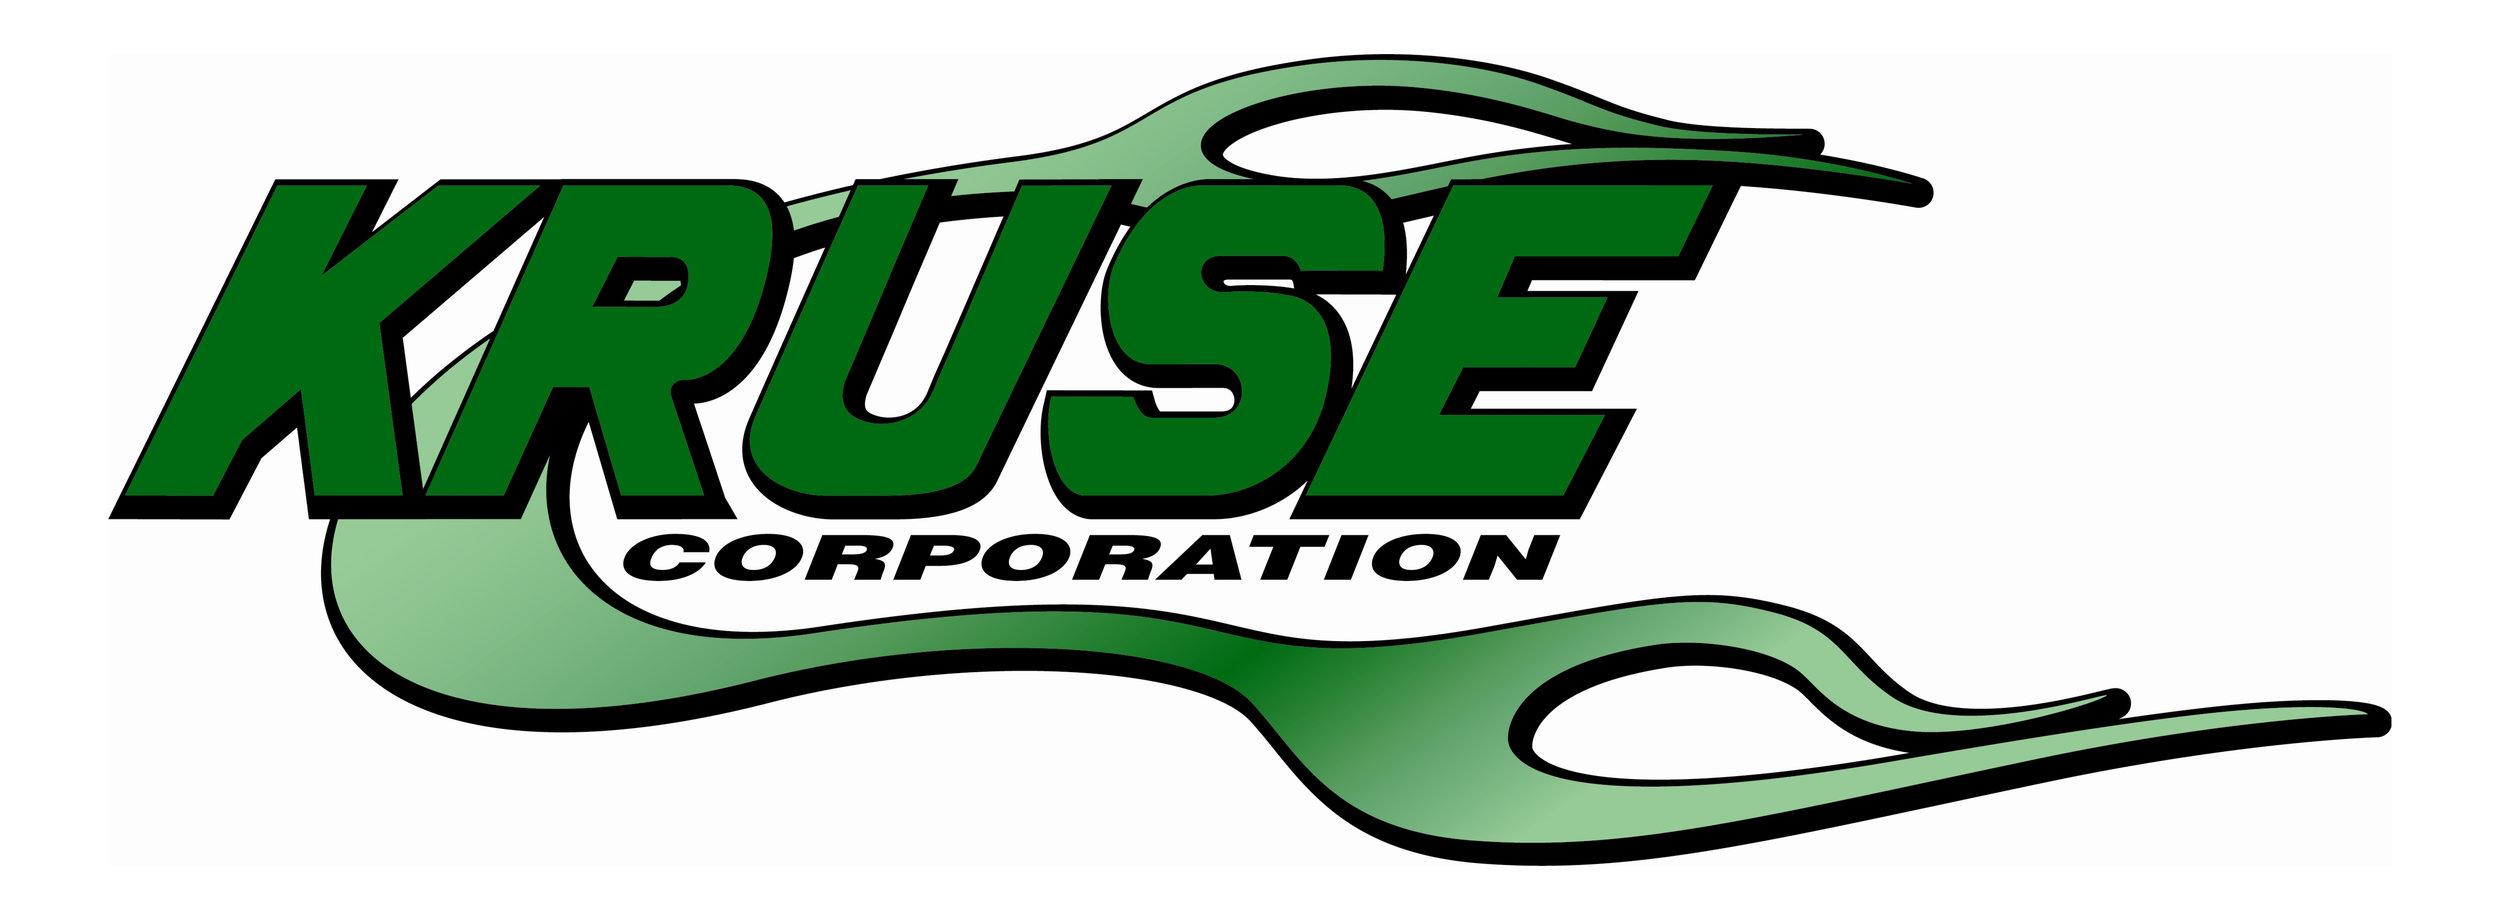 Kruse Corp Logo - Web.jpg